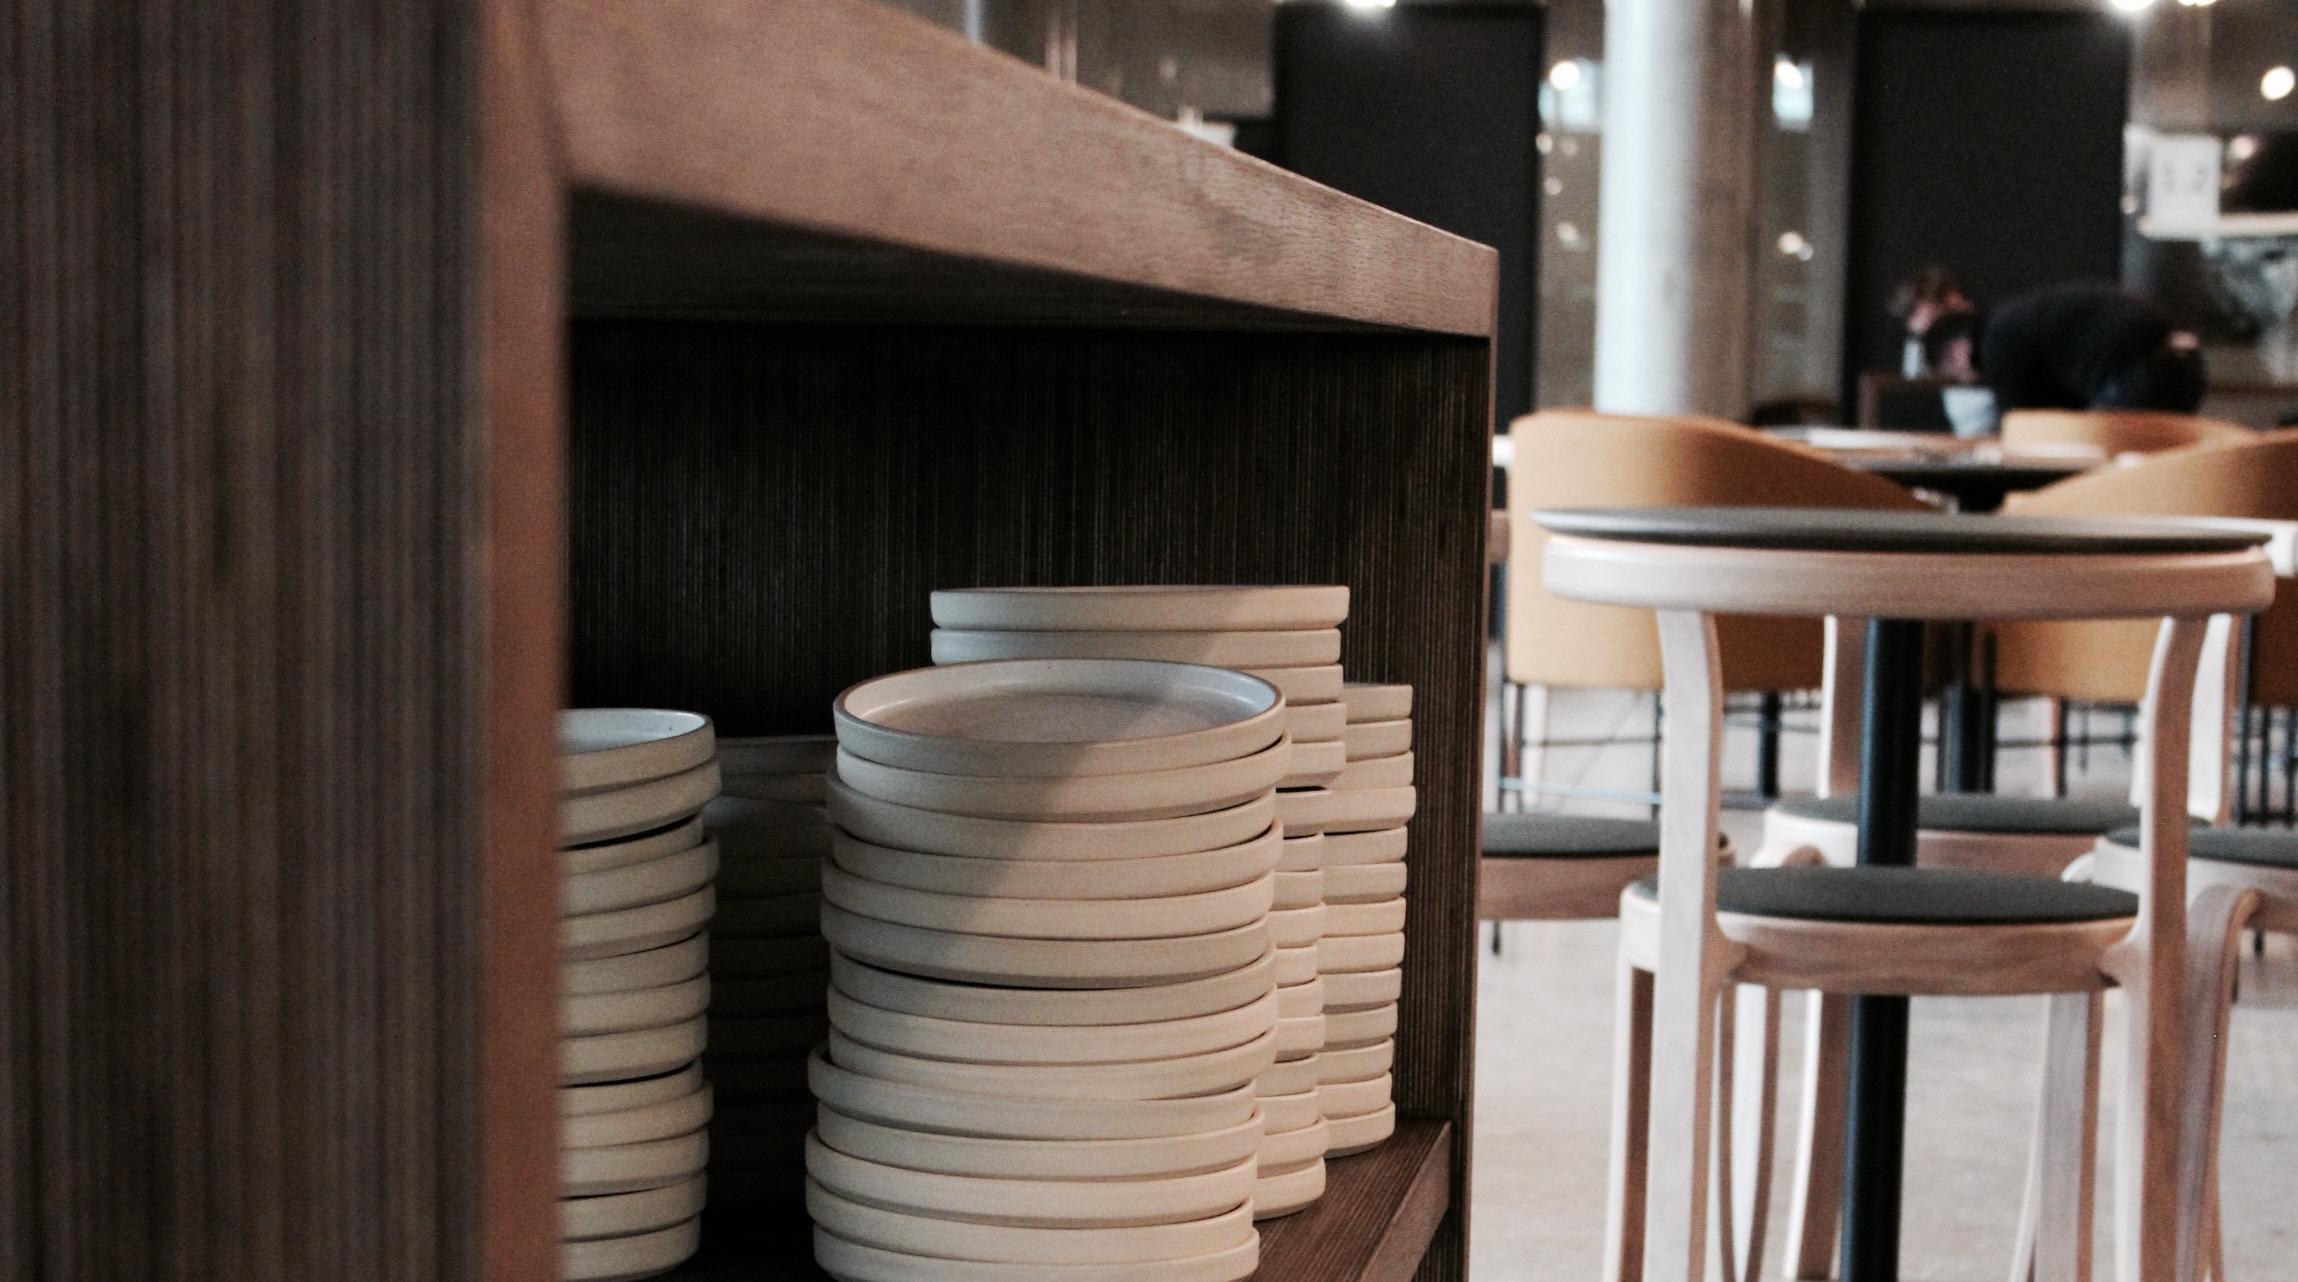 Aarhus hotel efterlader spor af kæmpe møbelordrer Wood